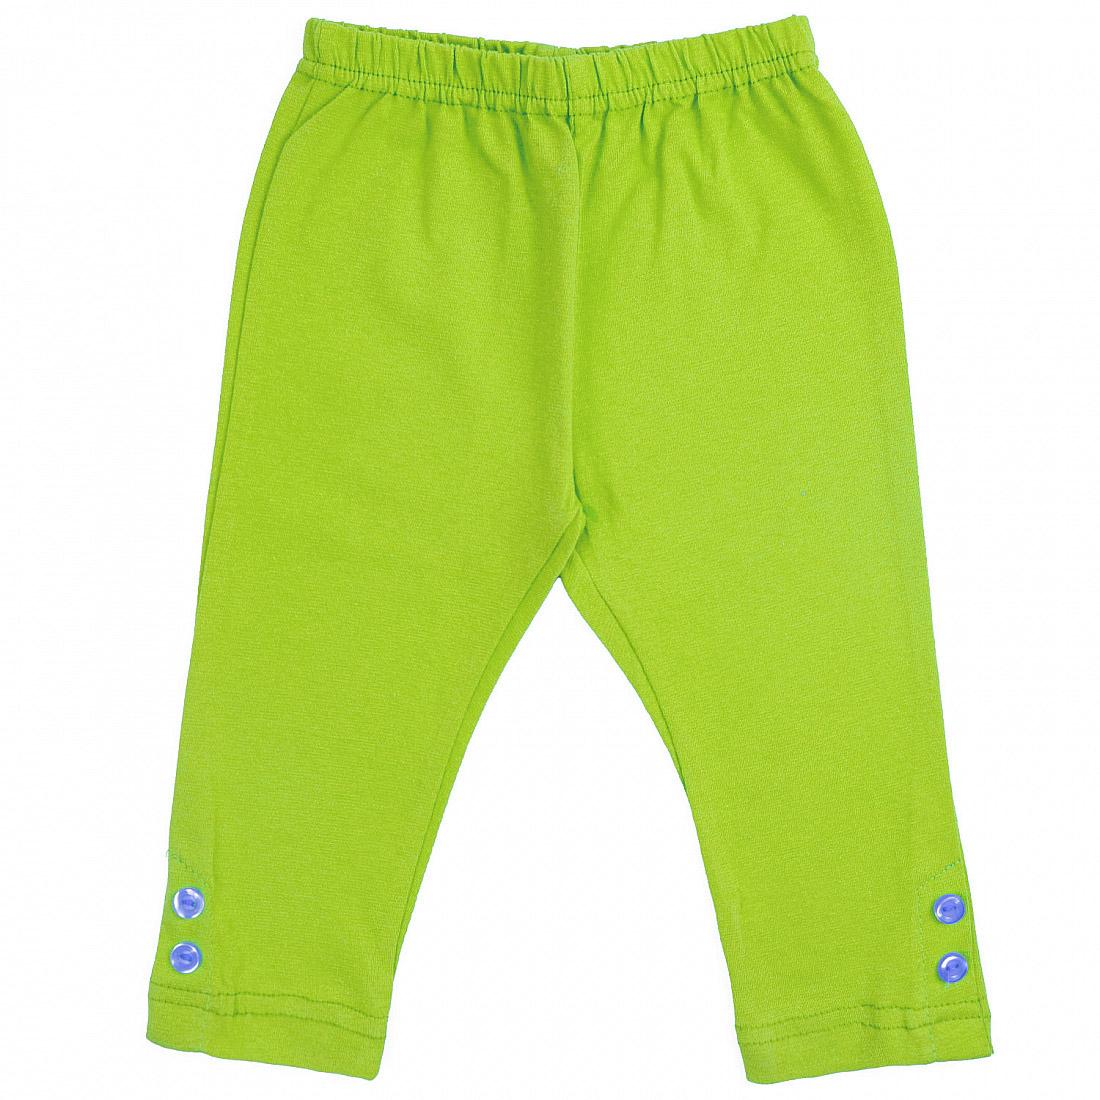 Купить 228р, Леггинсы детские Юлла, цв. зеленый р. 92, Шорты и брюки для новорожденных